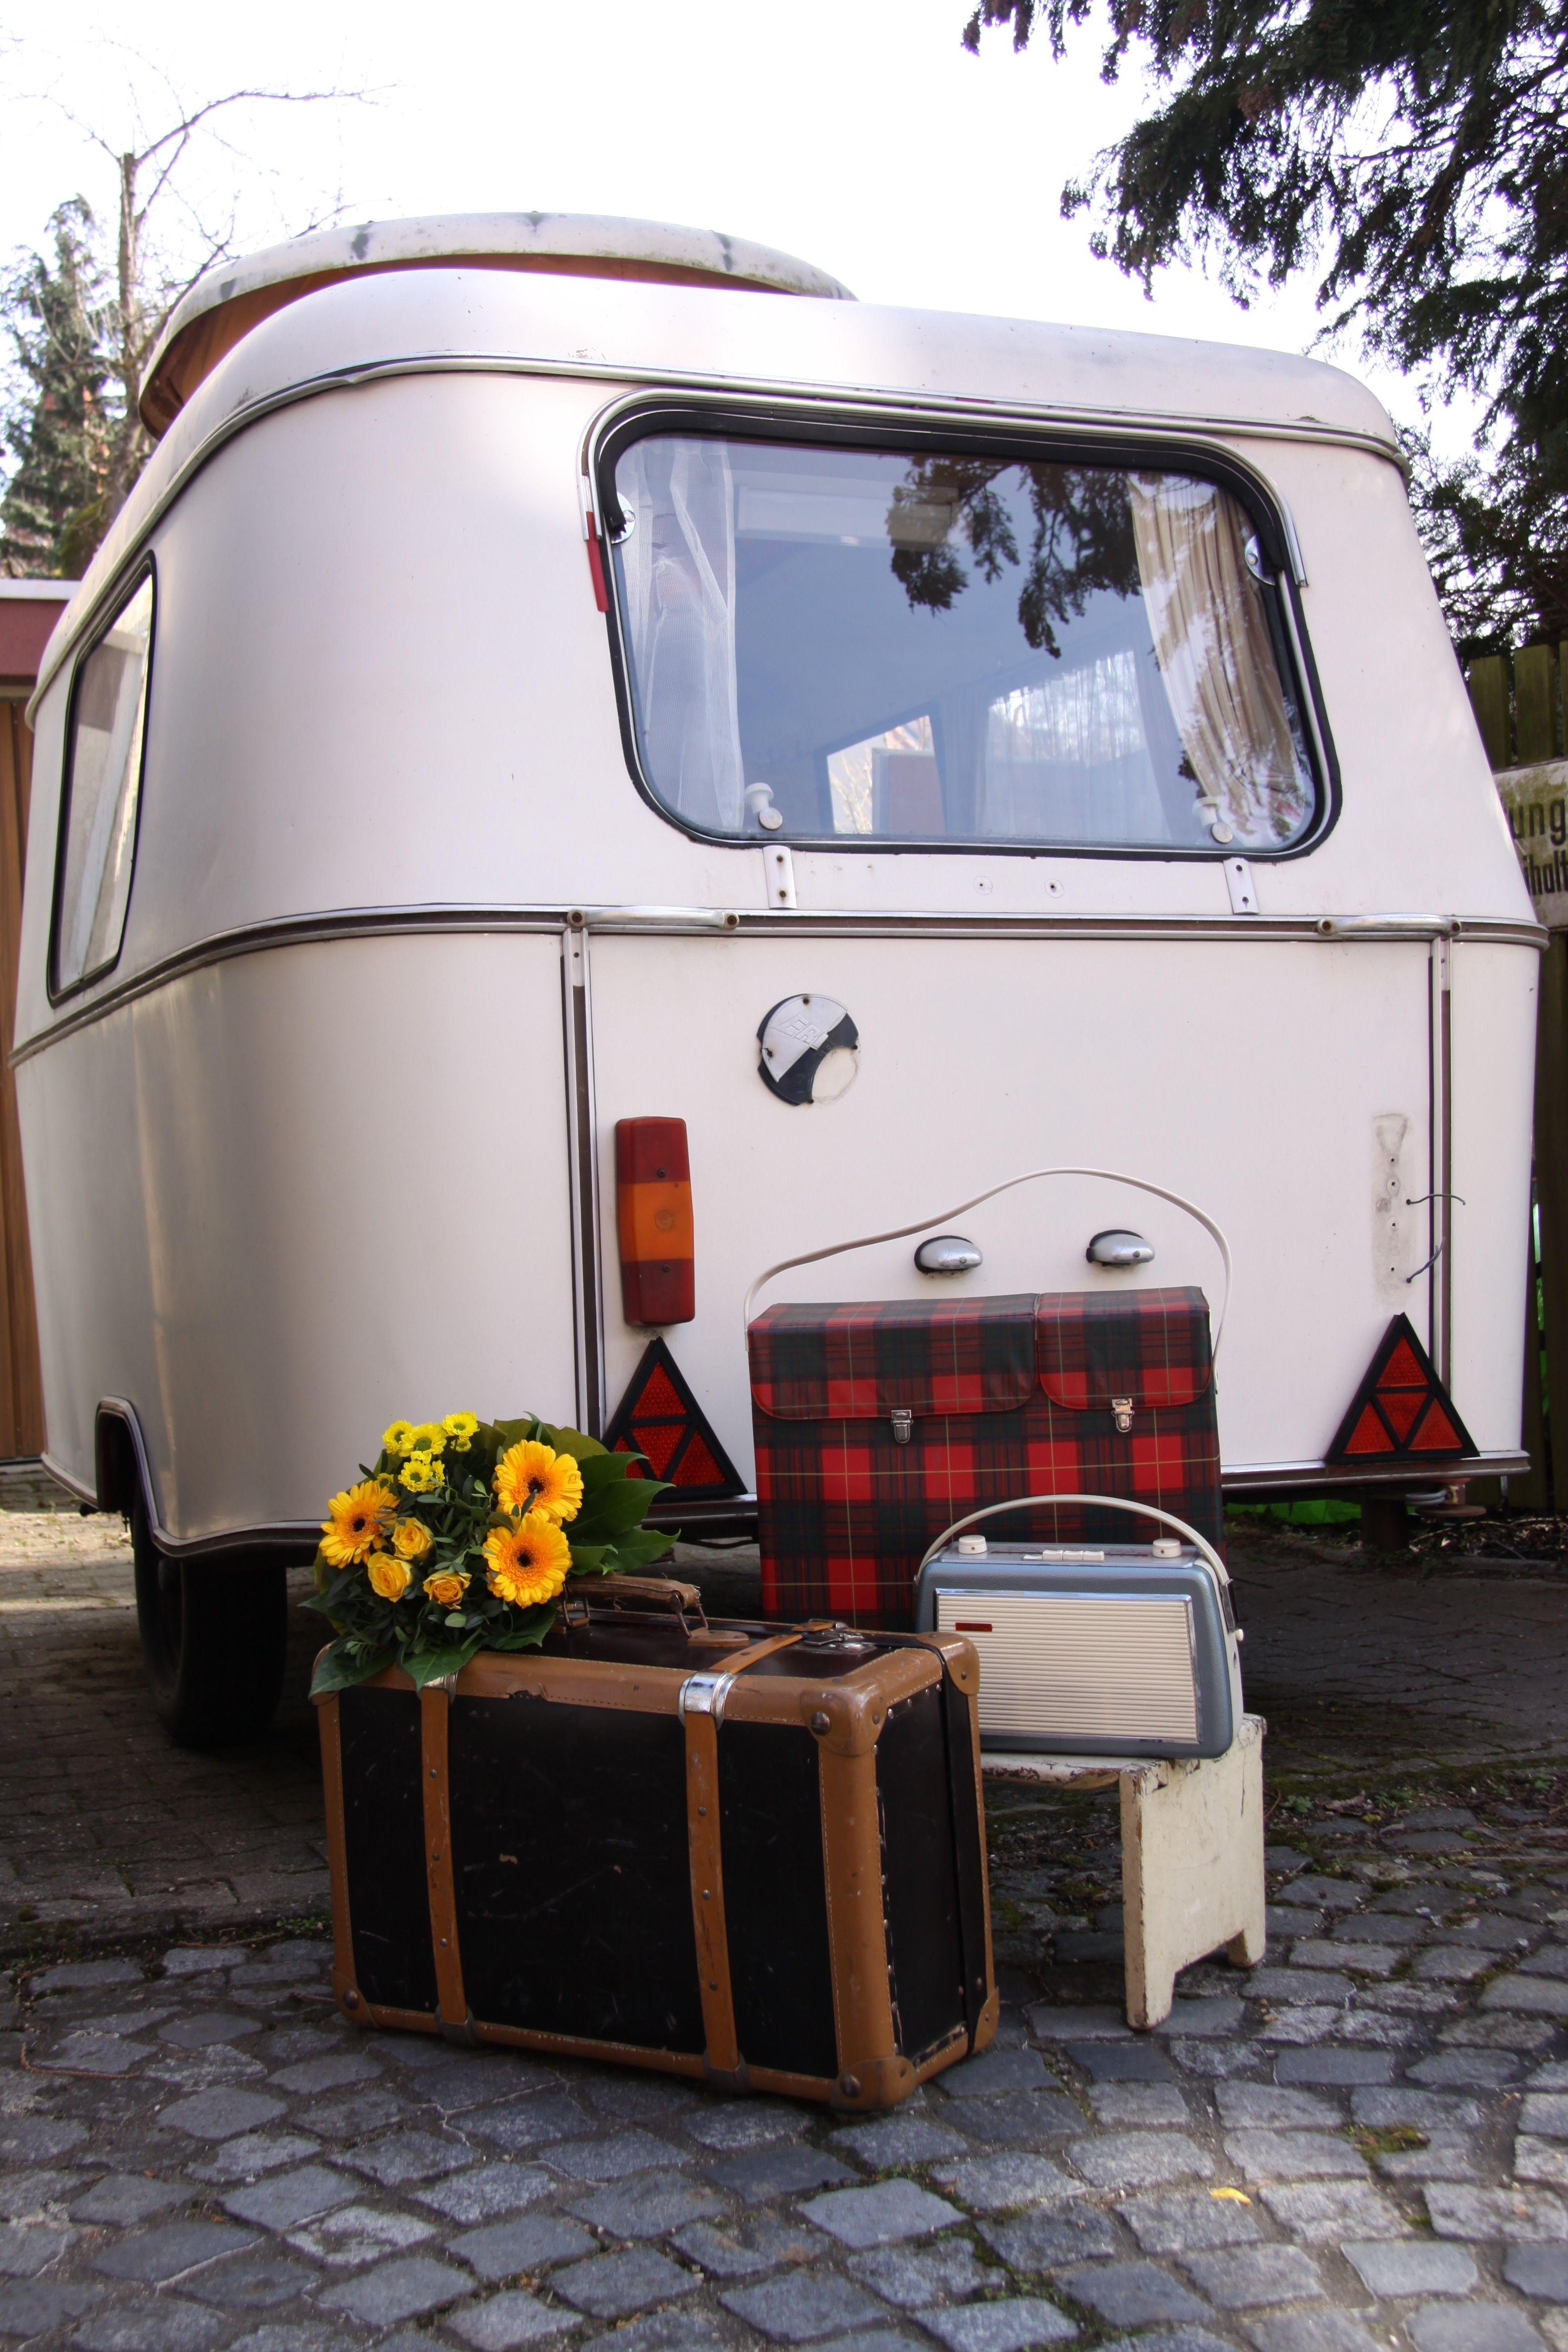 Küche stößt auf ideen die zeitreise mit vintagekoffer kühltasche und kofferradio beginnt